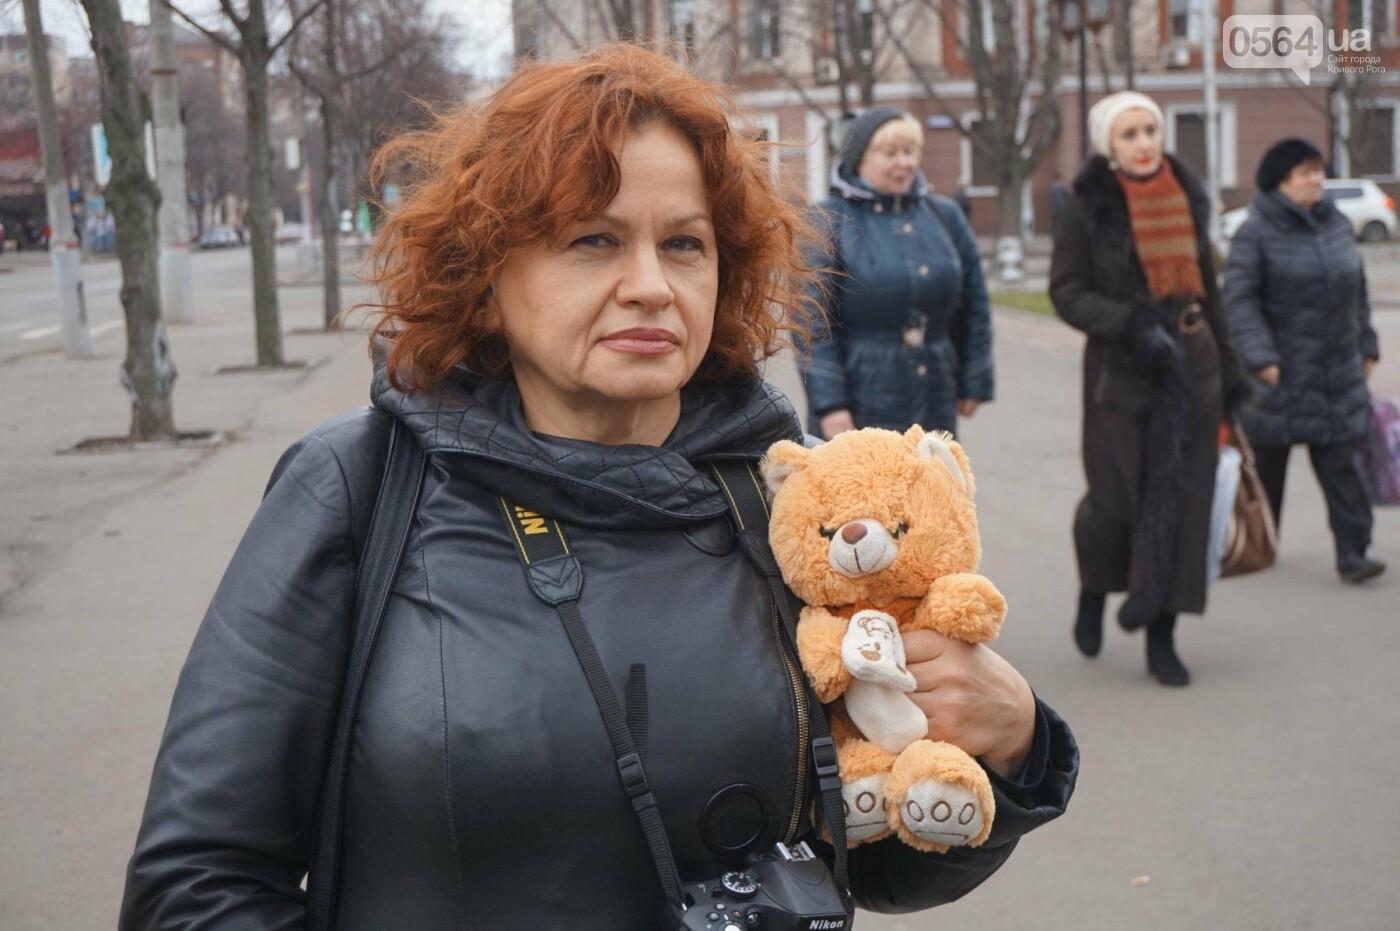 Криворожане, протестуя против политики УПЦ Московского патриархата,  принесли игрушки к храму (ФОТО, ВИДЕО), фото-5